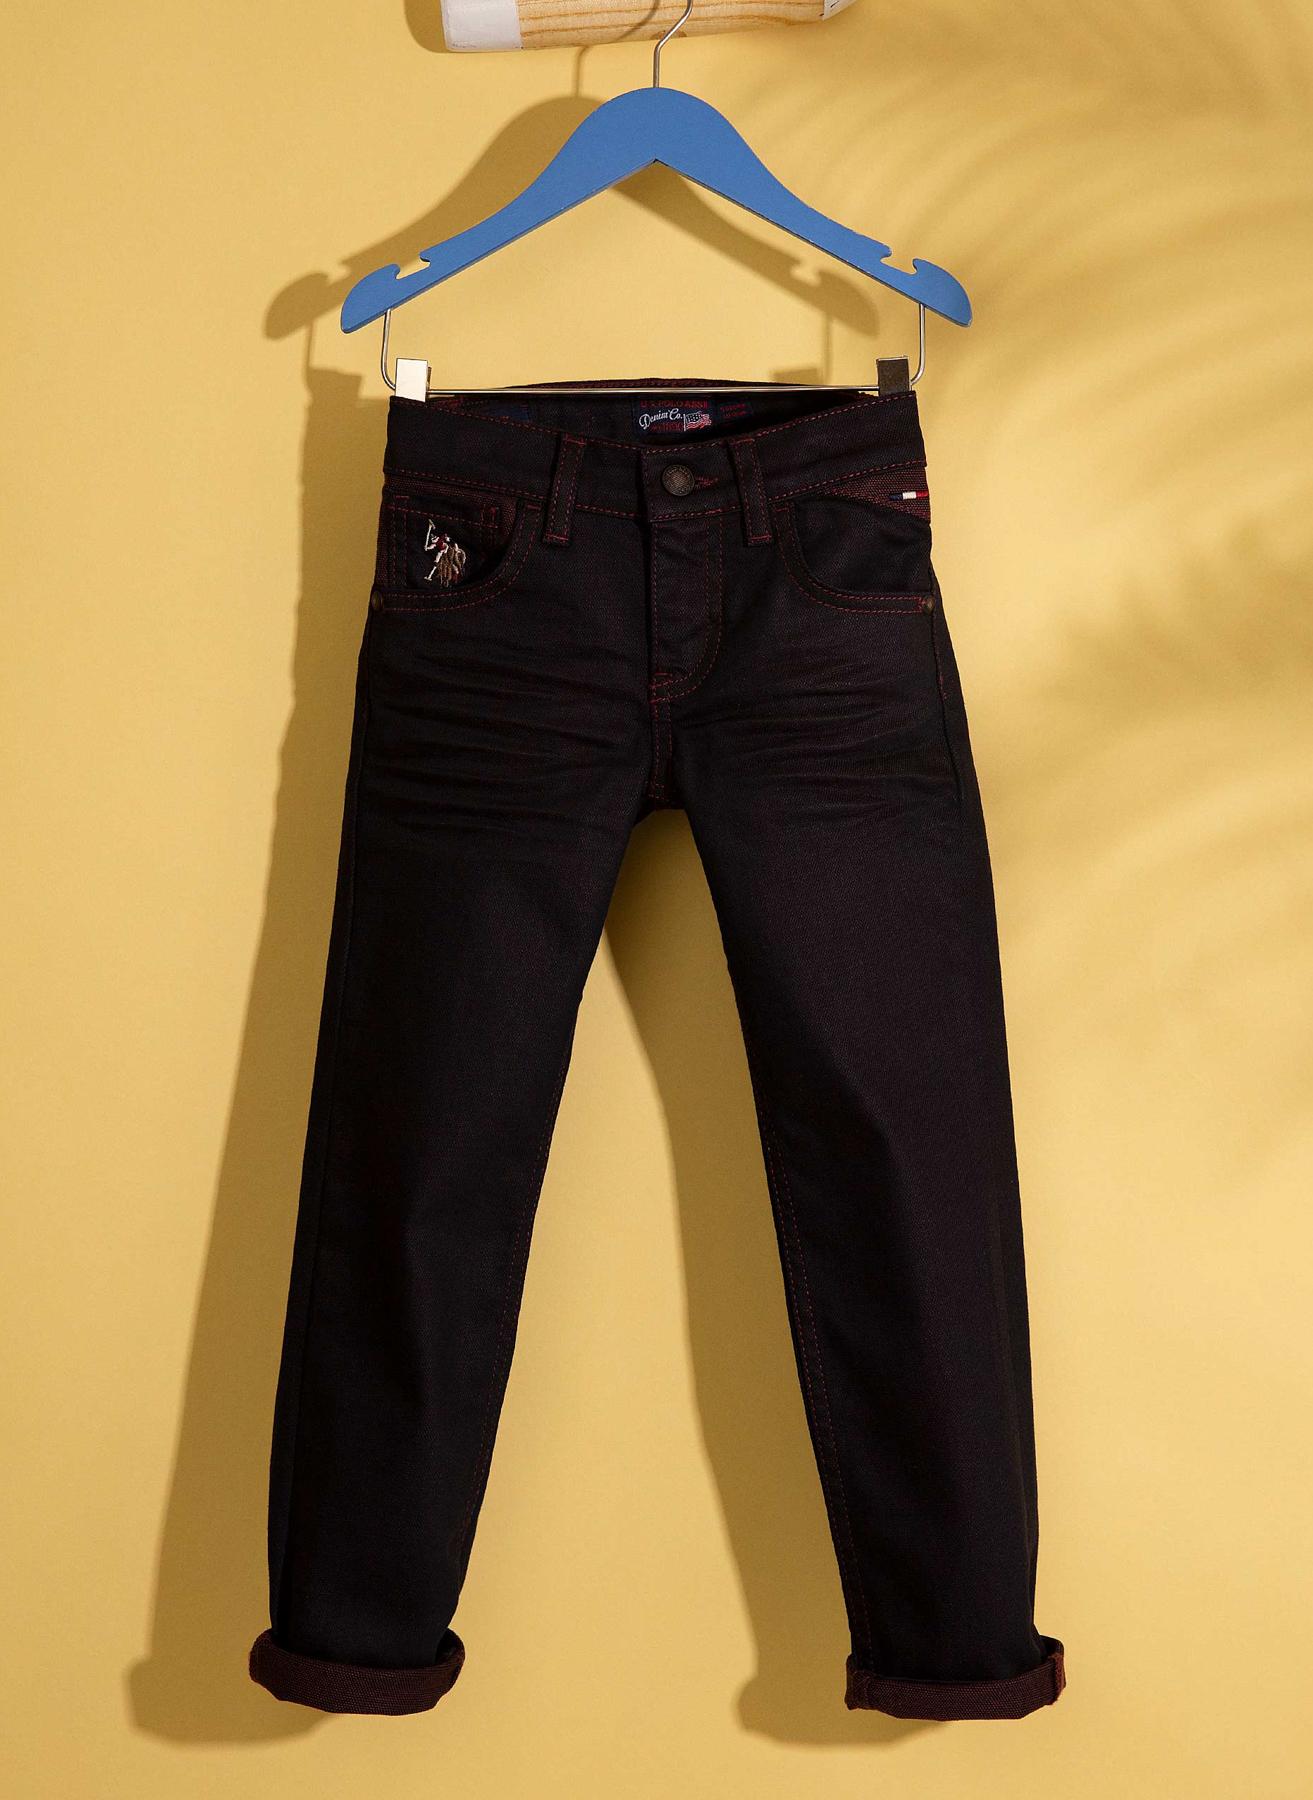 U.S. Polo Assn. Pantolon 7 Yaş 5001704513008 Ürün Resmi